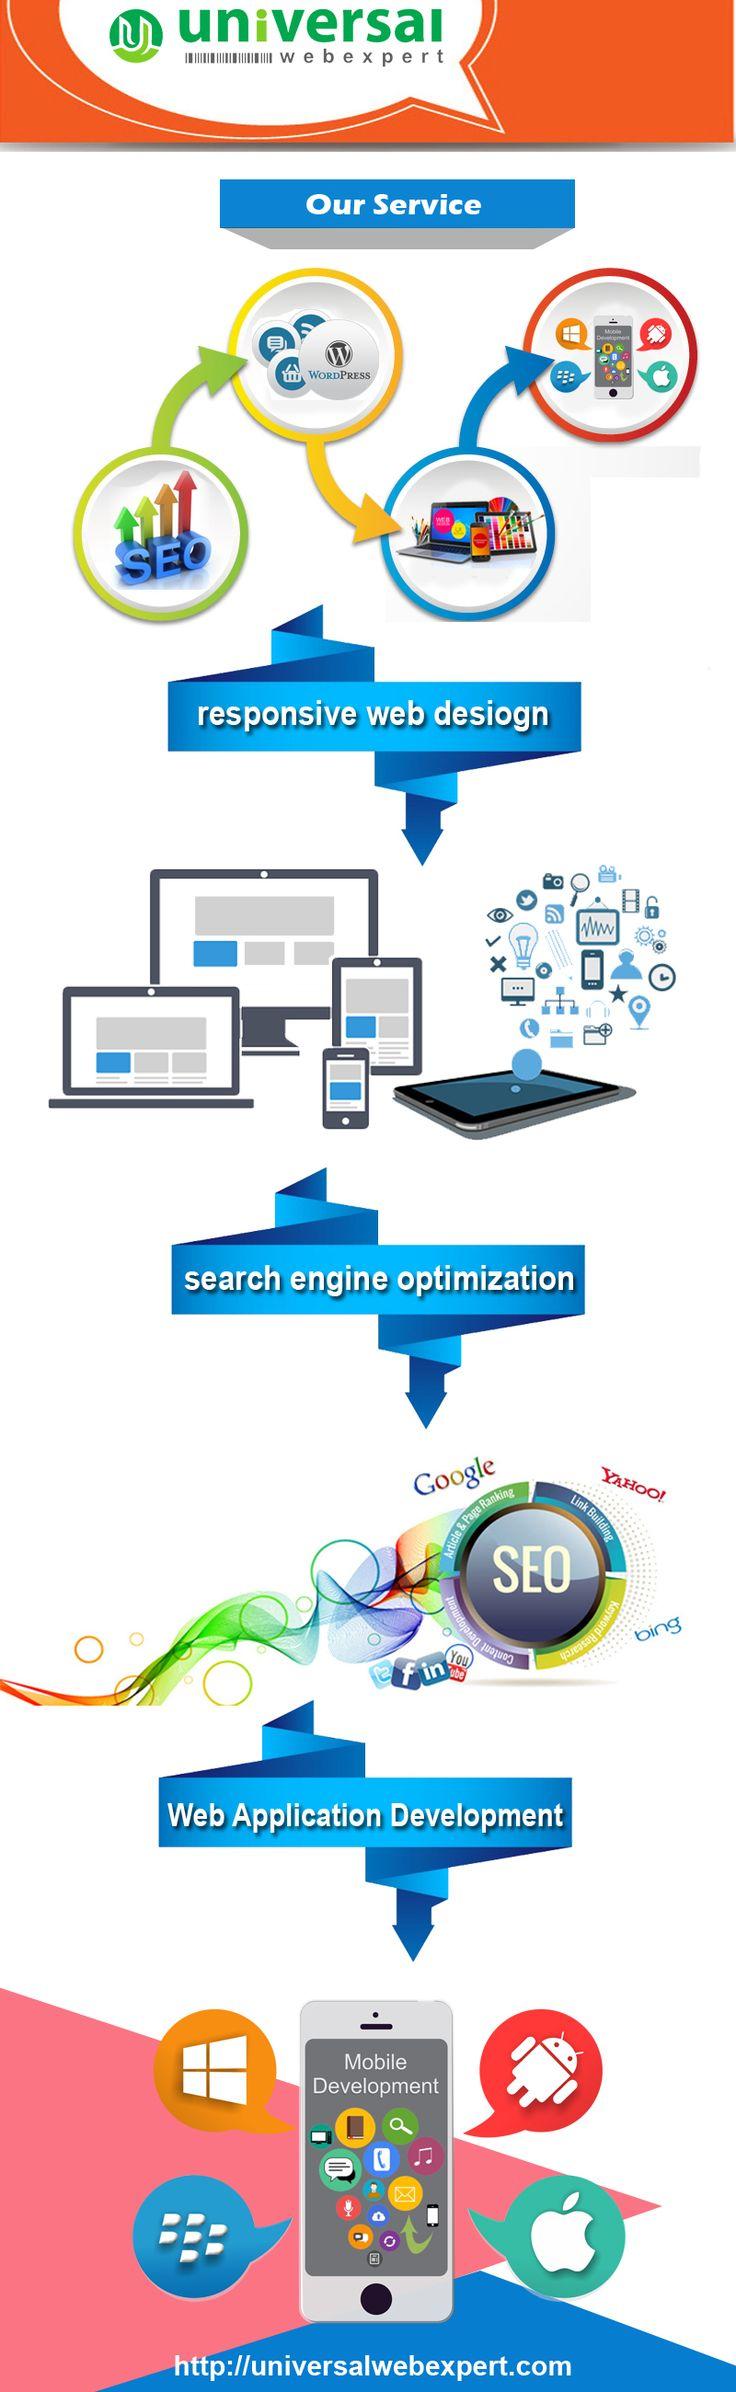 Outsource web design Service | info-graphic Design